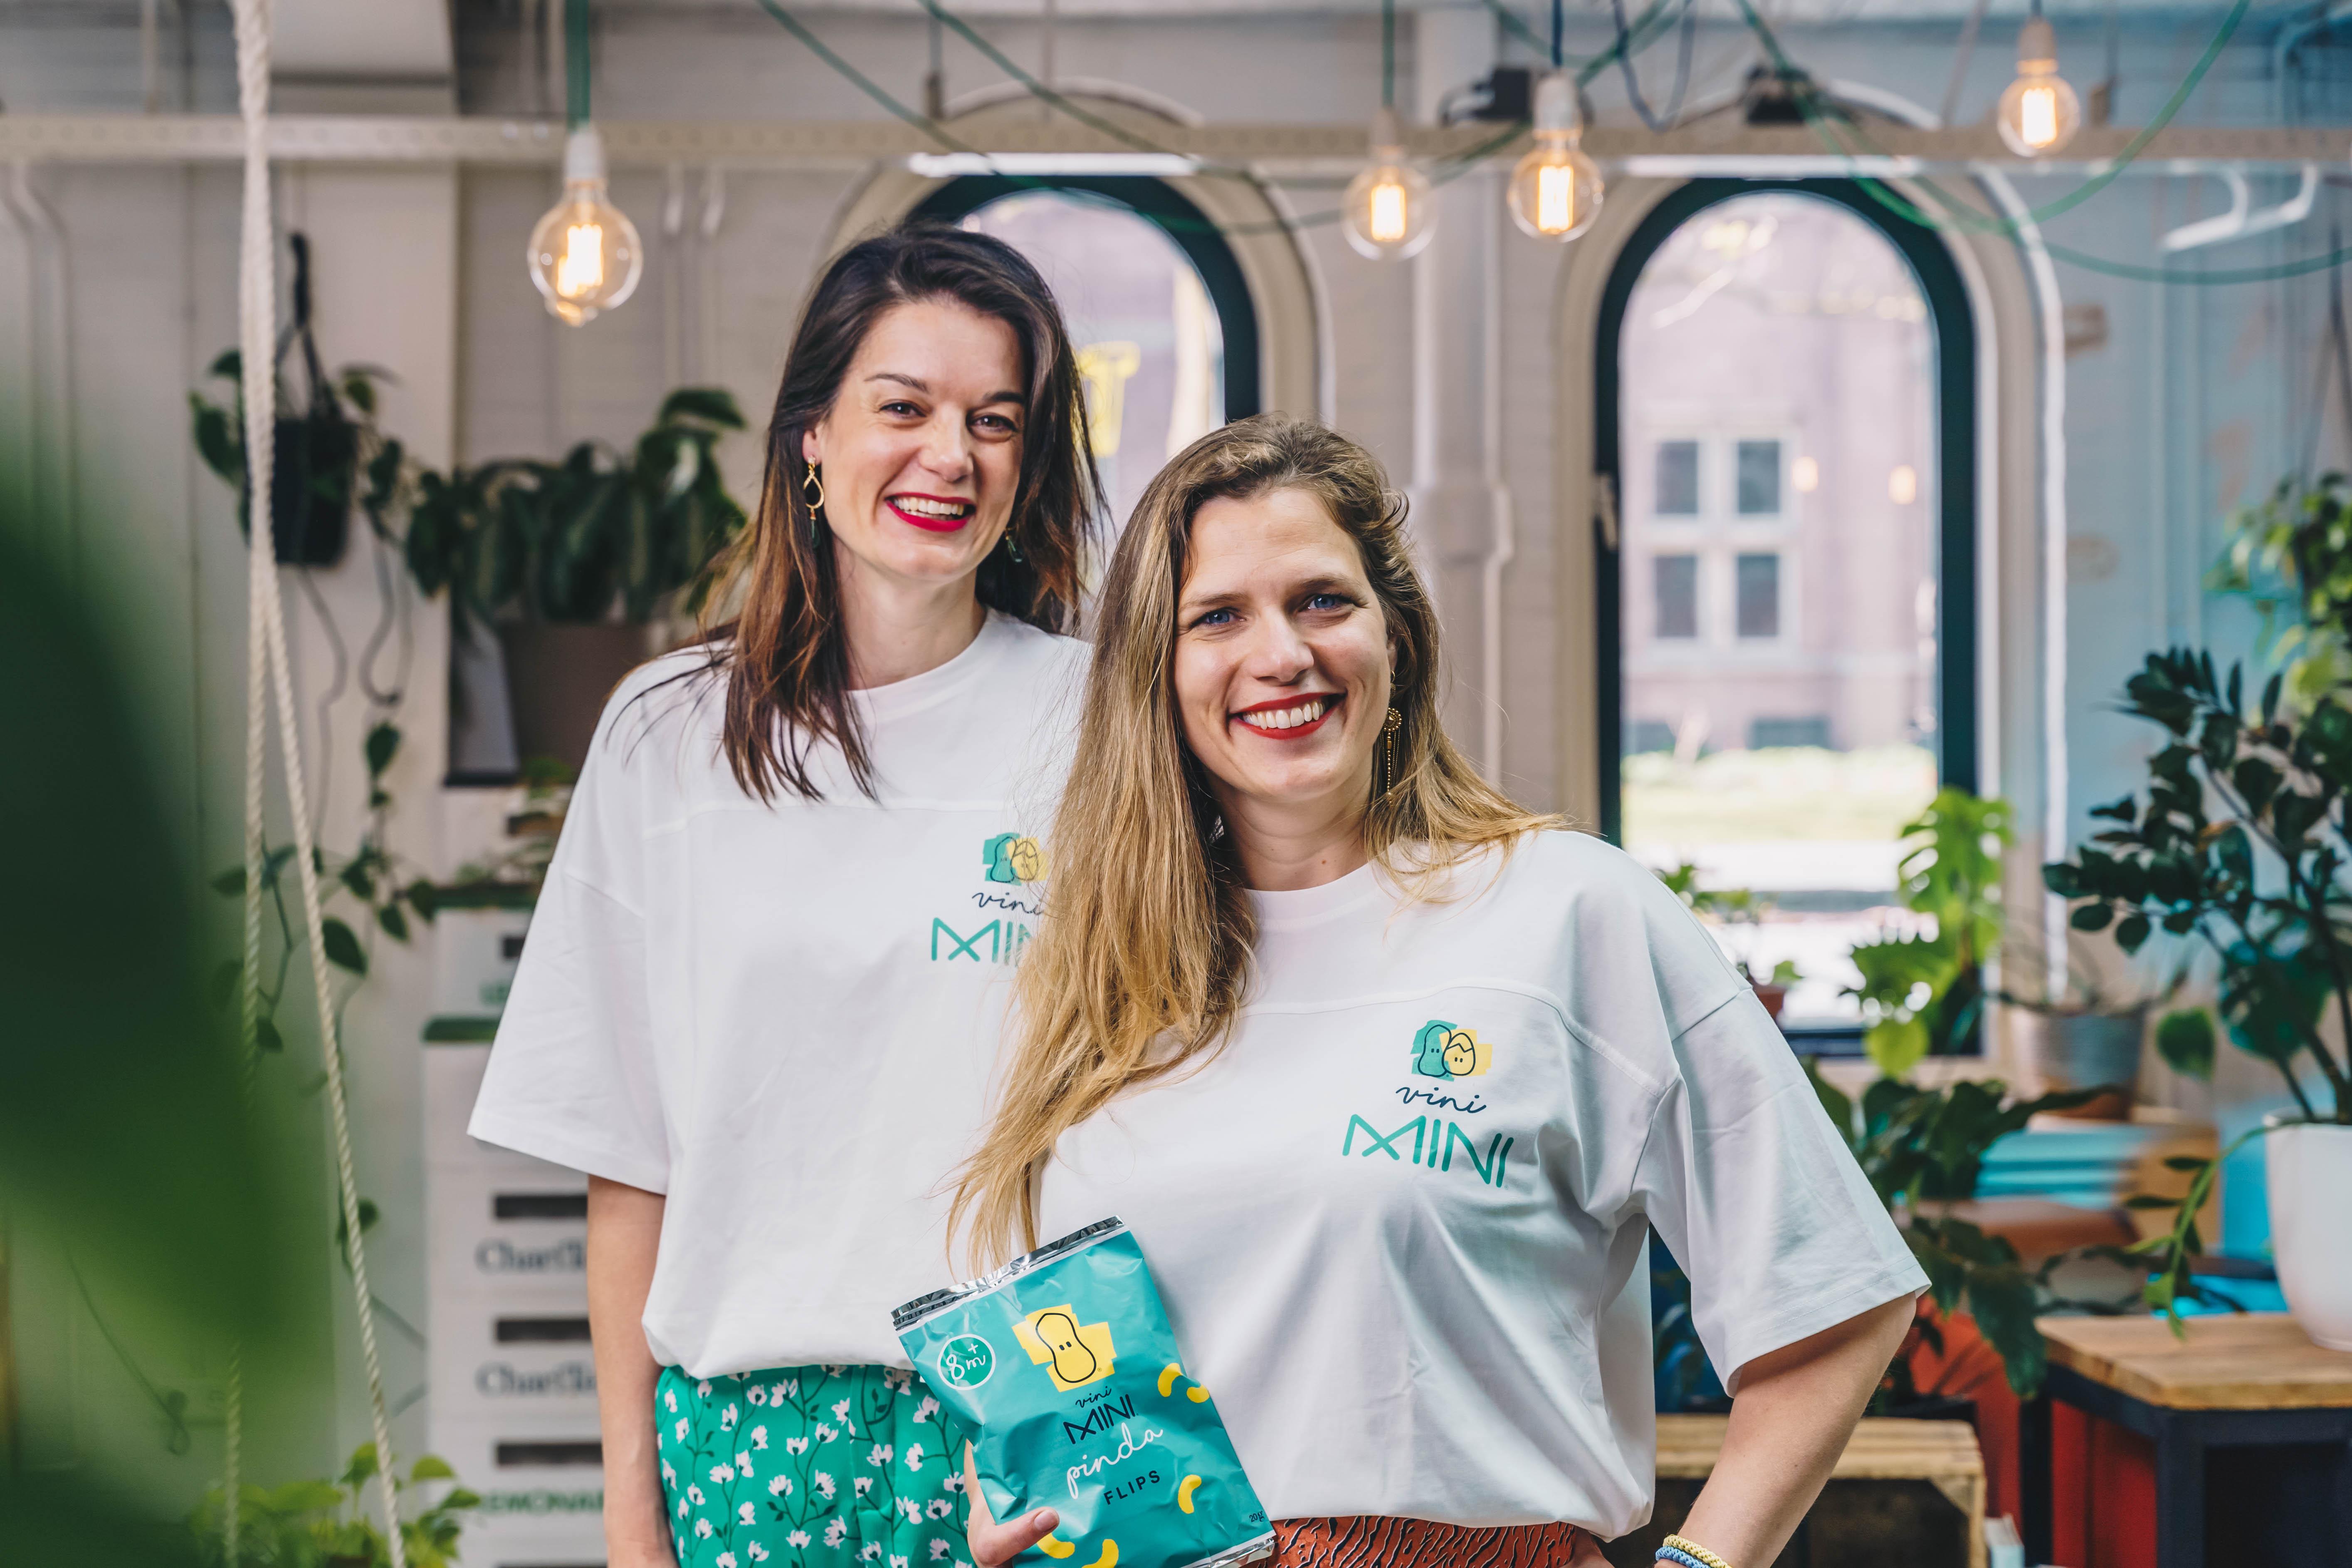 Vini Mini founders